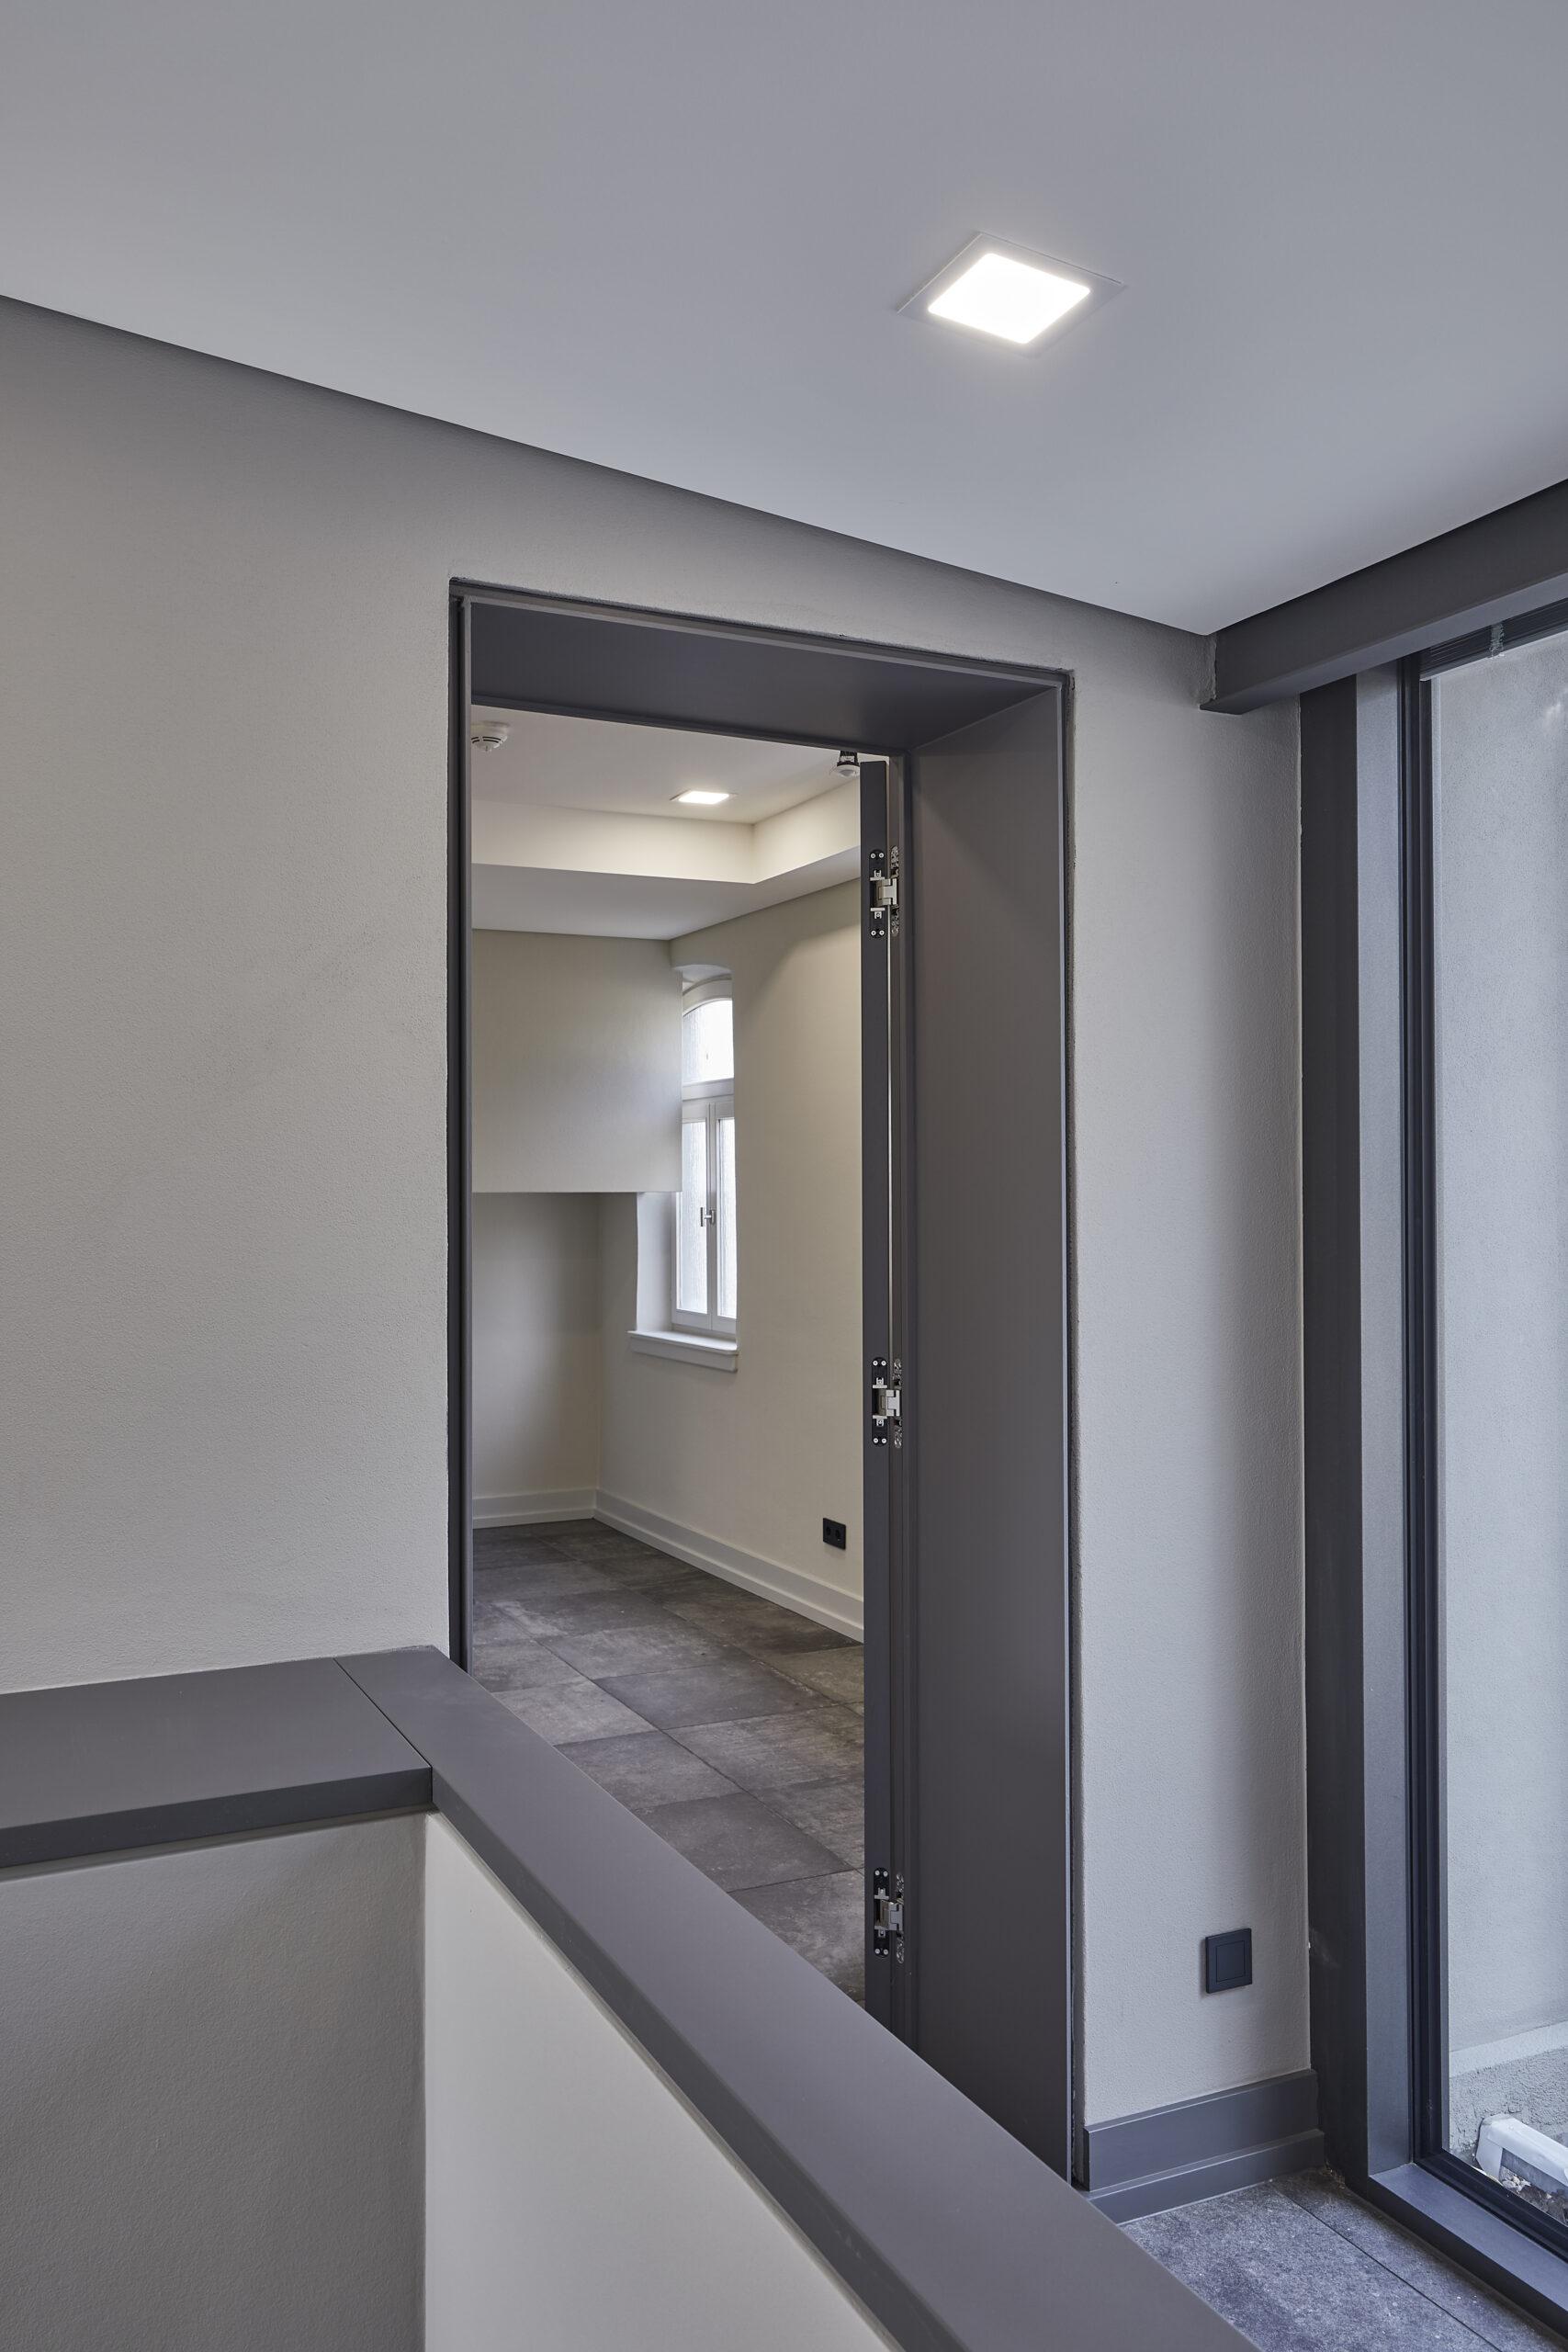 03 Eingangsbereicht